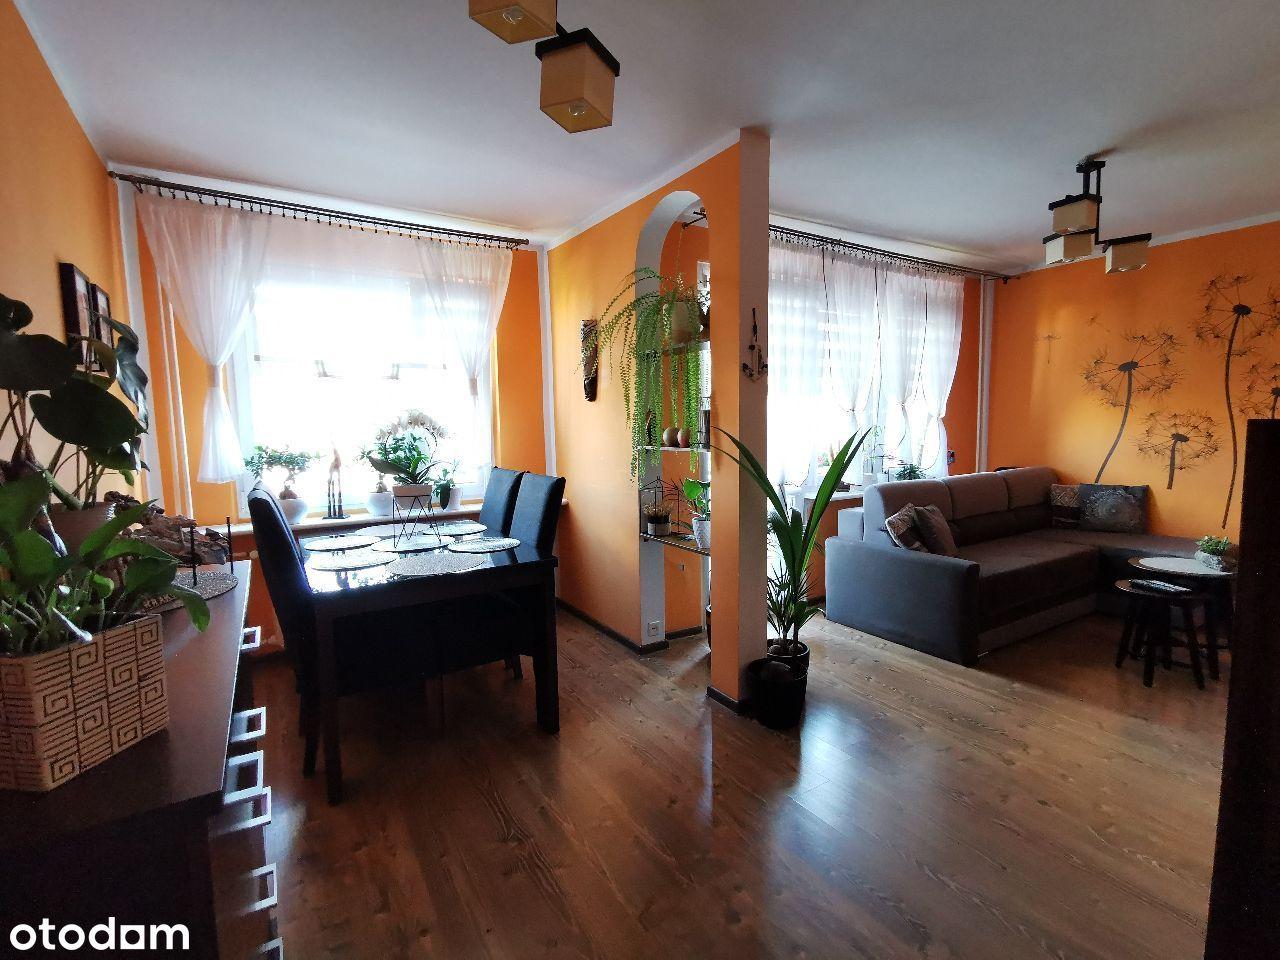 Mieszkanie 76 m2, os. Górczyn- oferta bezpośrednia